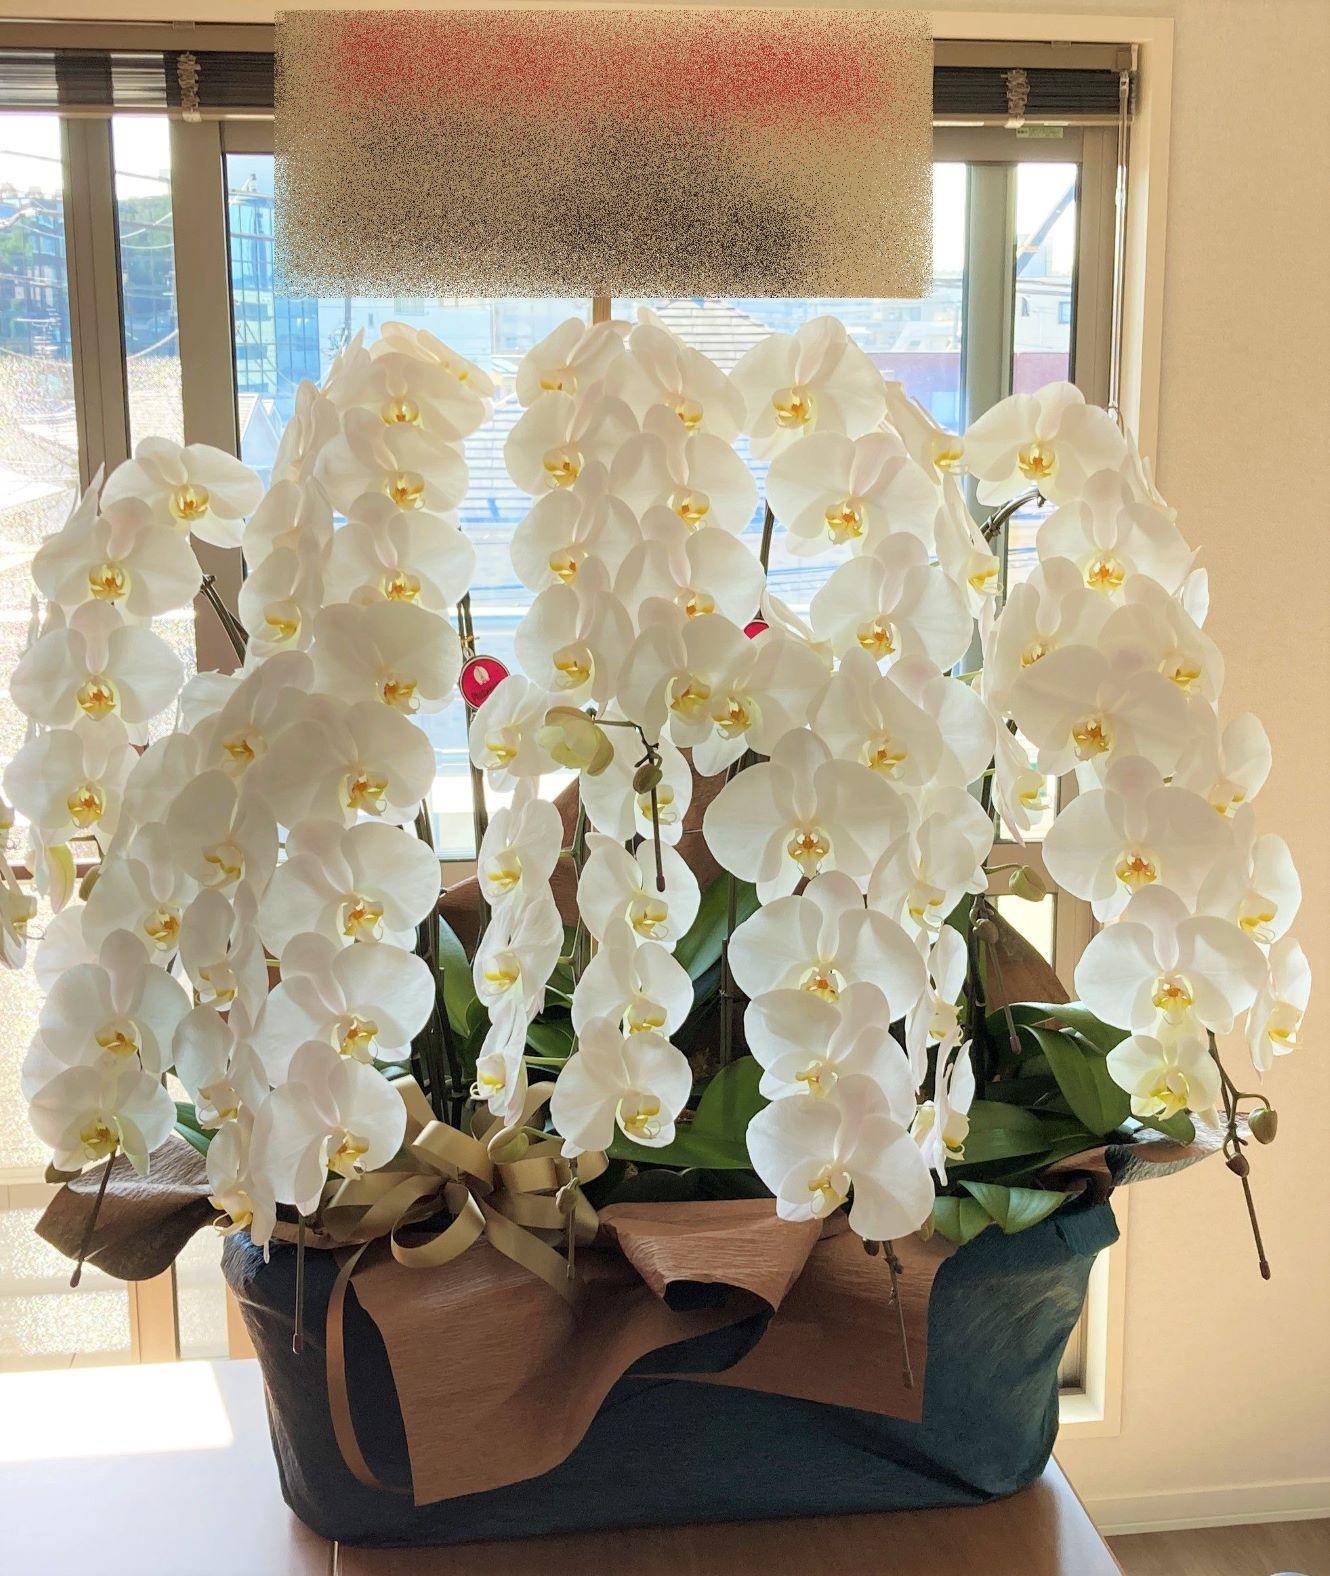 川崎市へ胡蝶蘭10本立を即日当日配達しました。【横浜花屋の花束・スタンド花・胡蝶蘭・バルーン・アレンジメント配達事例970】